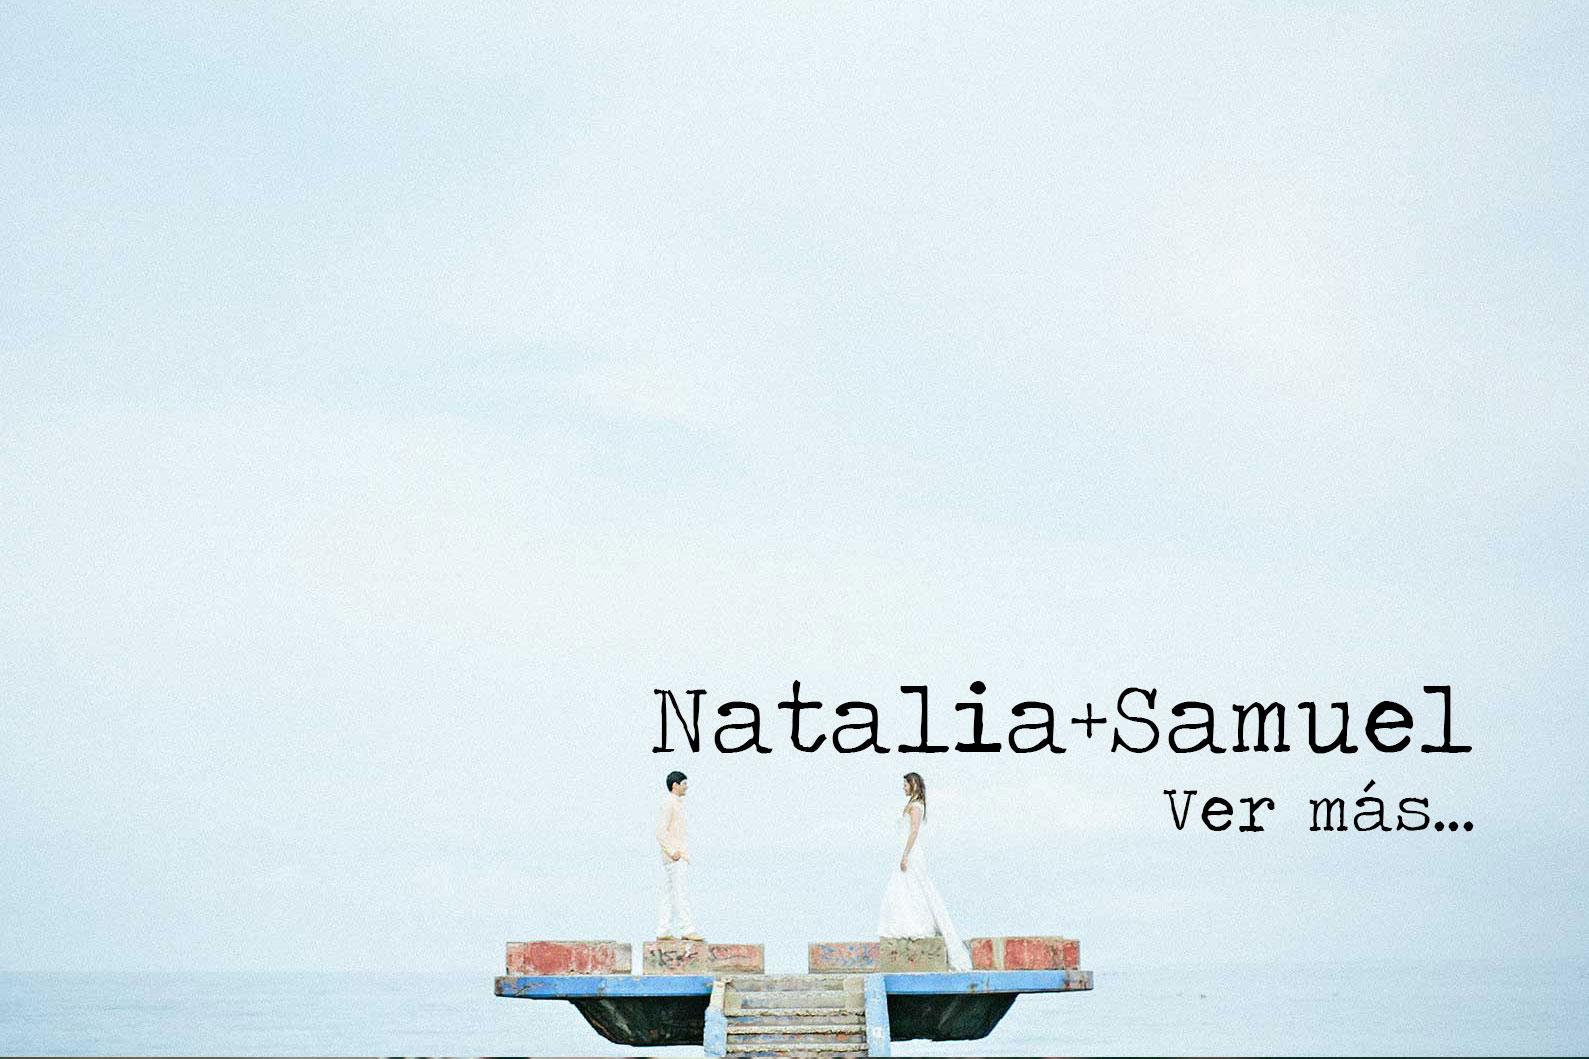 Natalia+Samuels